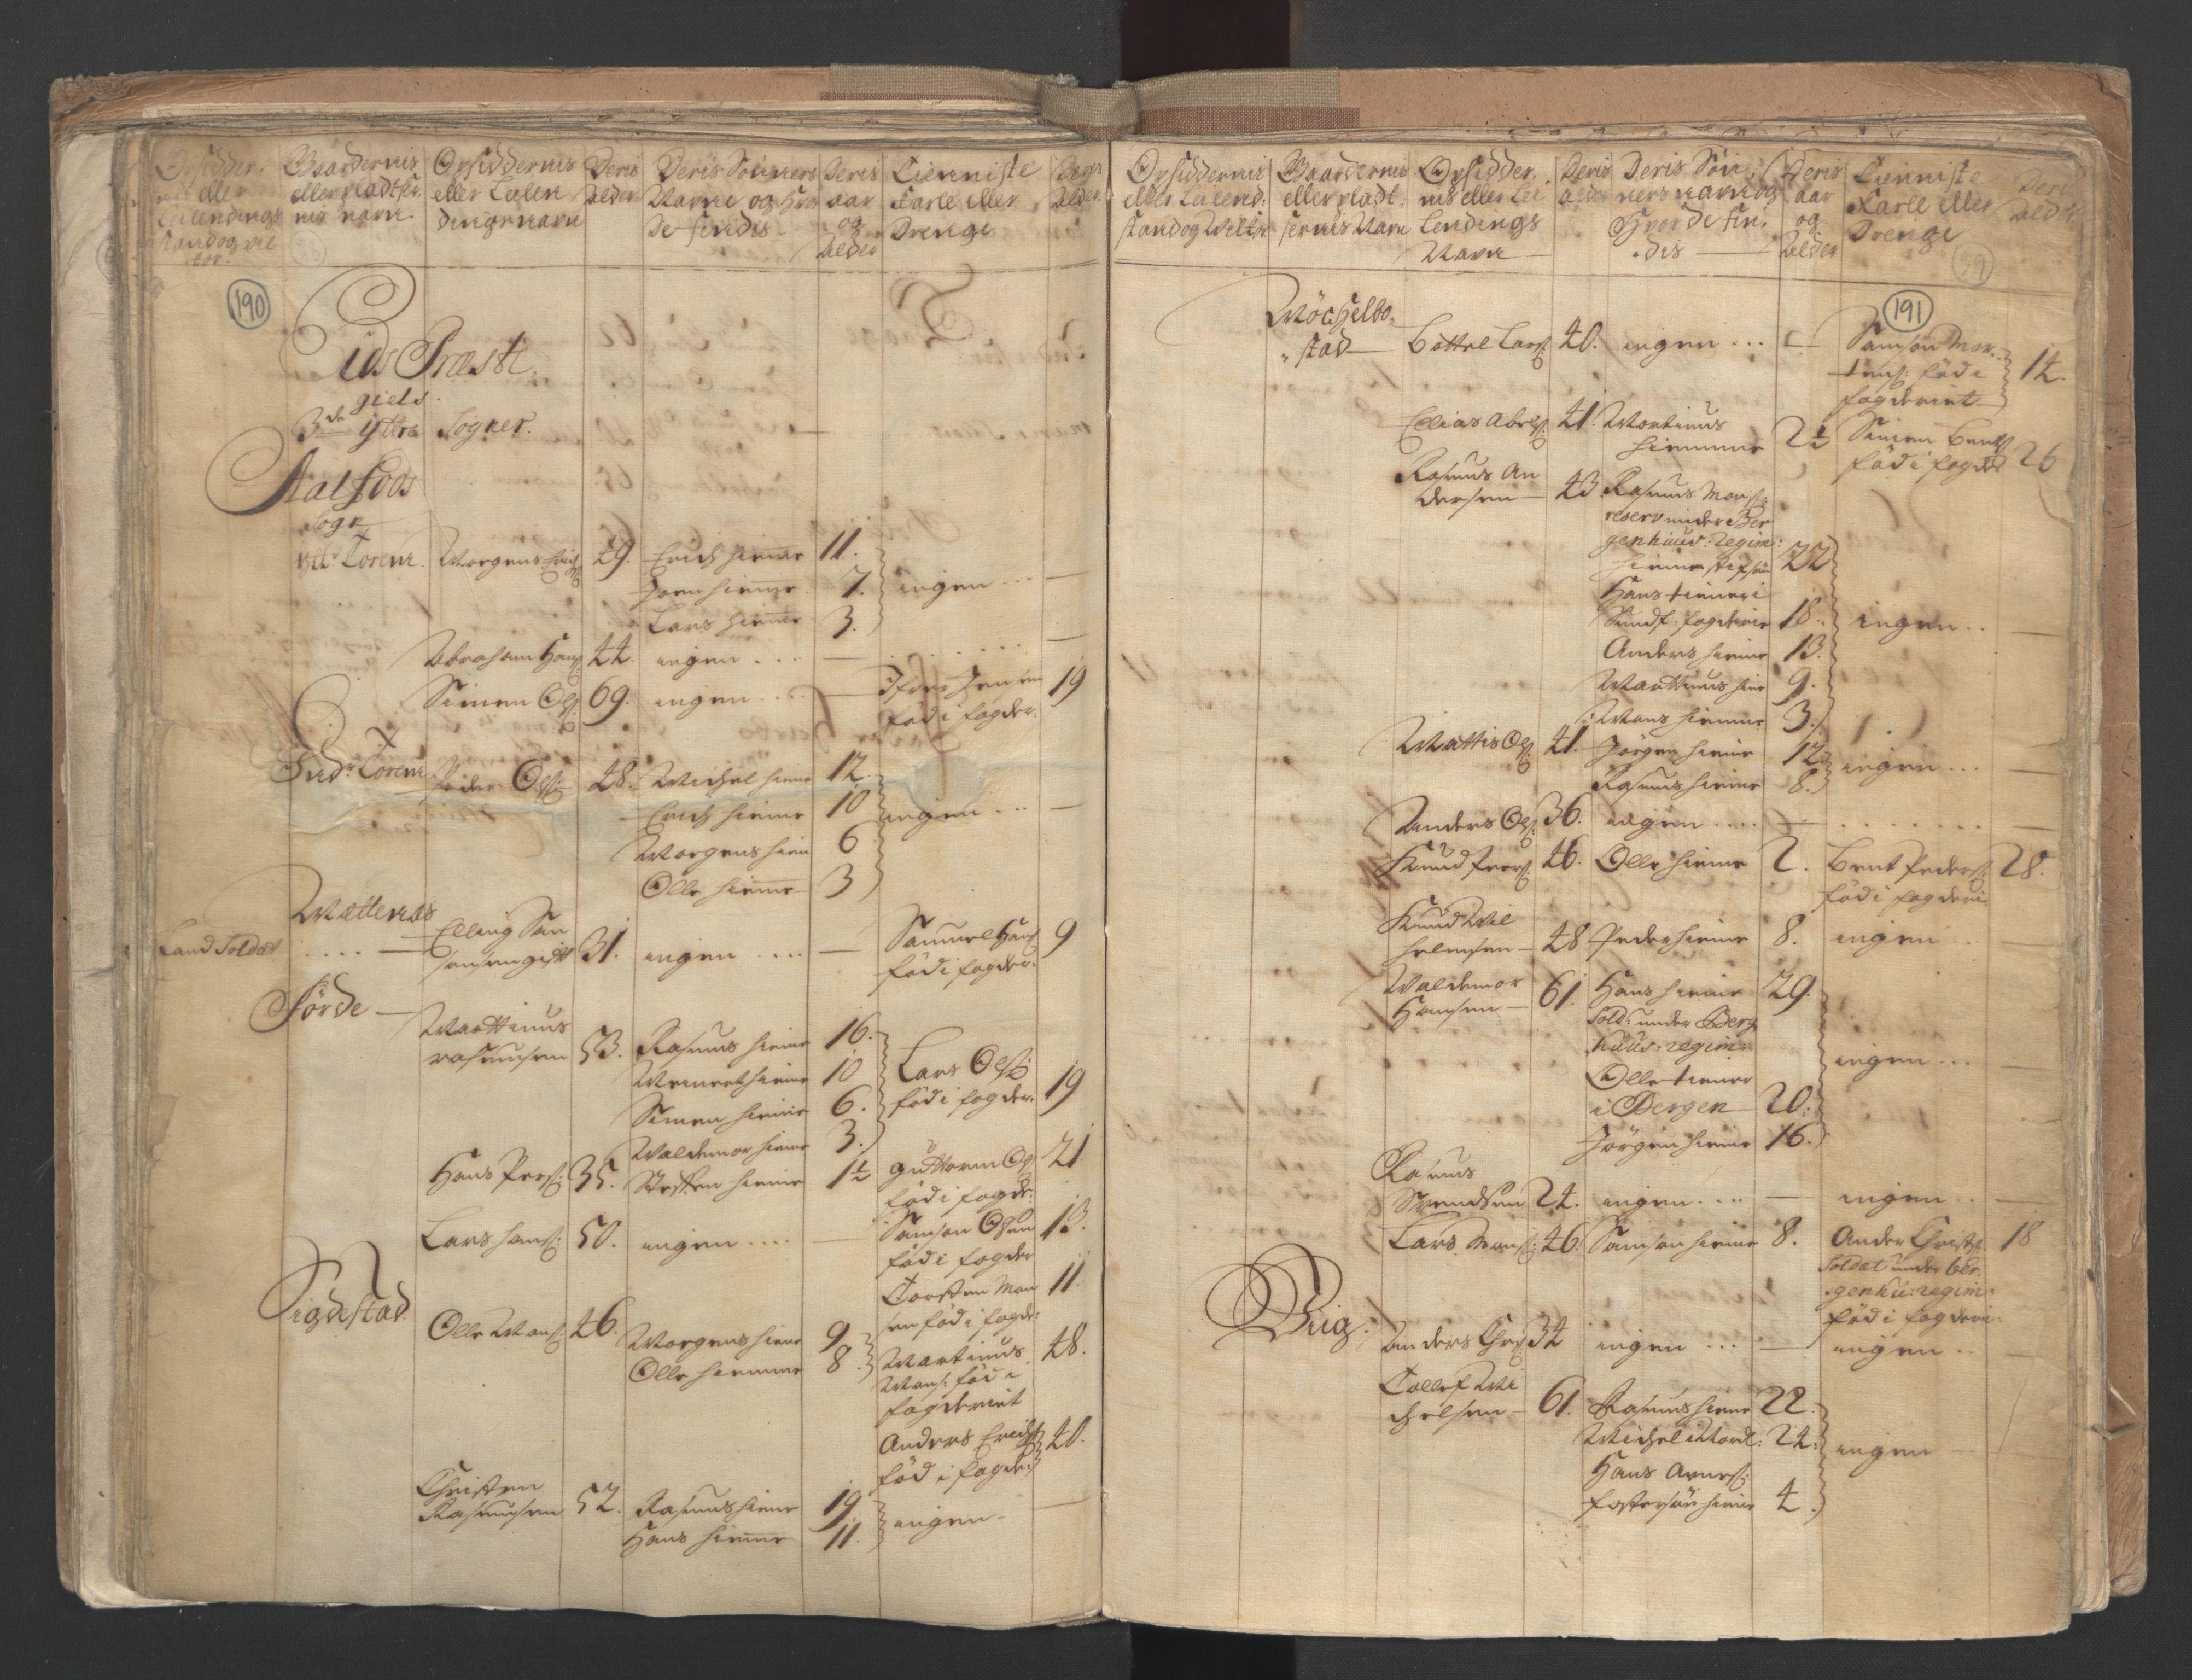 RA, Manntallet 1701, nr. 9: Sunnfjord fogderi, Nordfjord fogderi og Svanø birk, 1701, s. 190-191